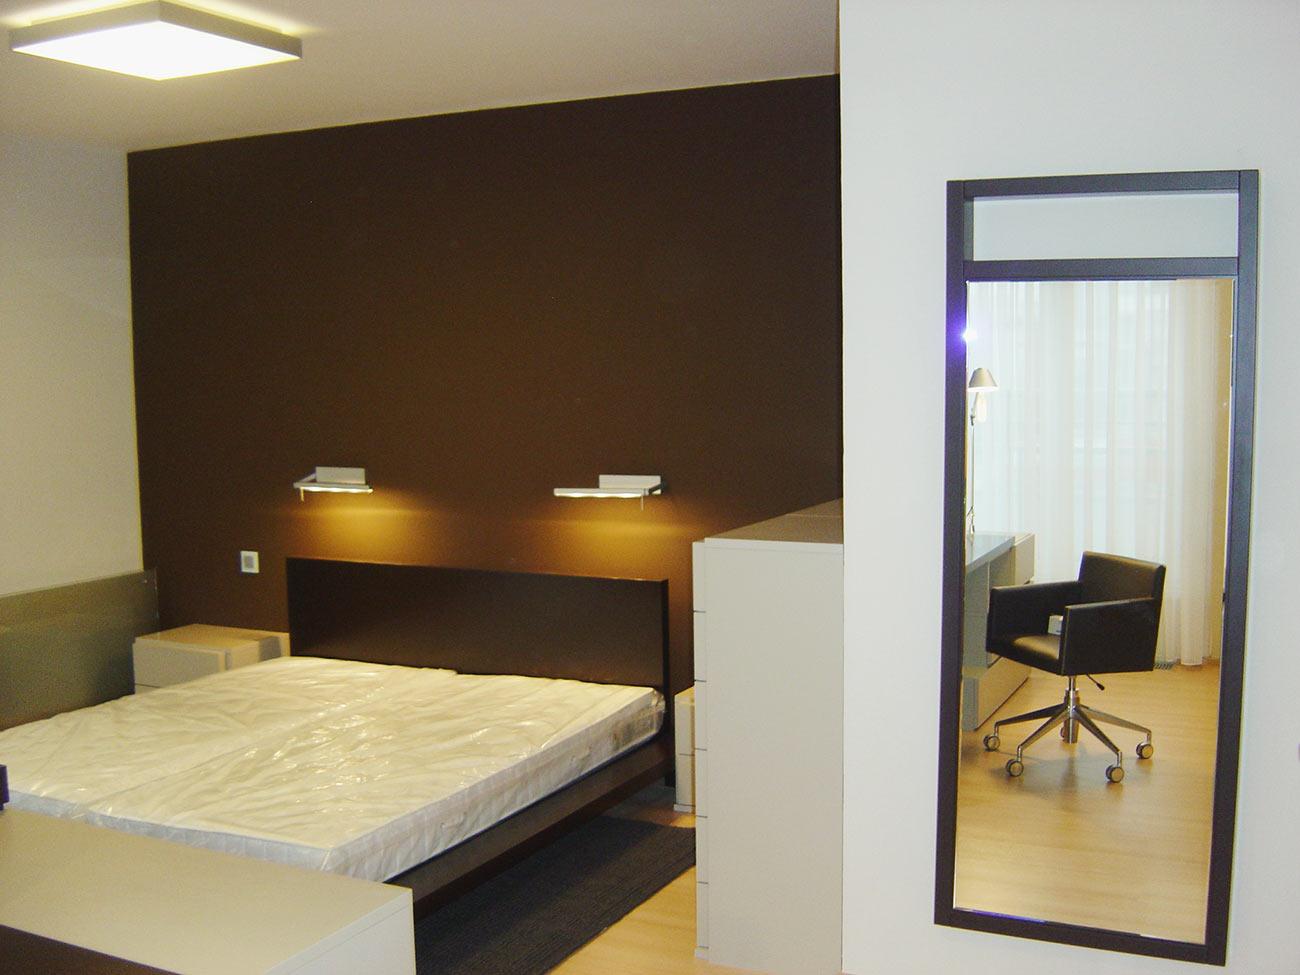 Ložnice a postel od italské firmy Zanette.